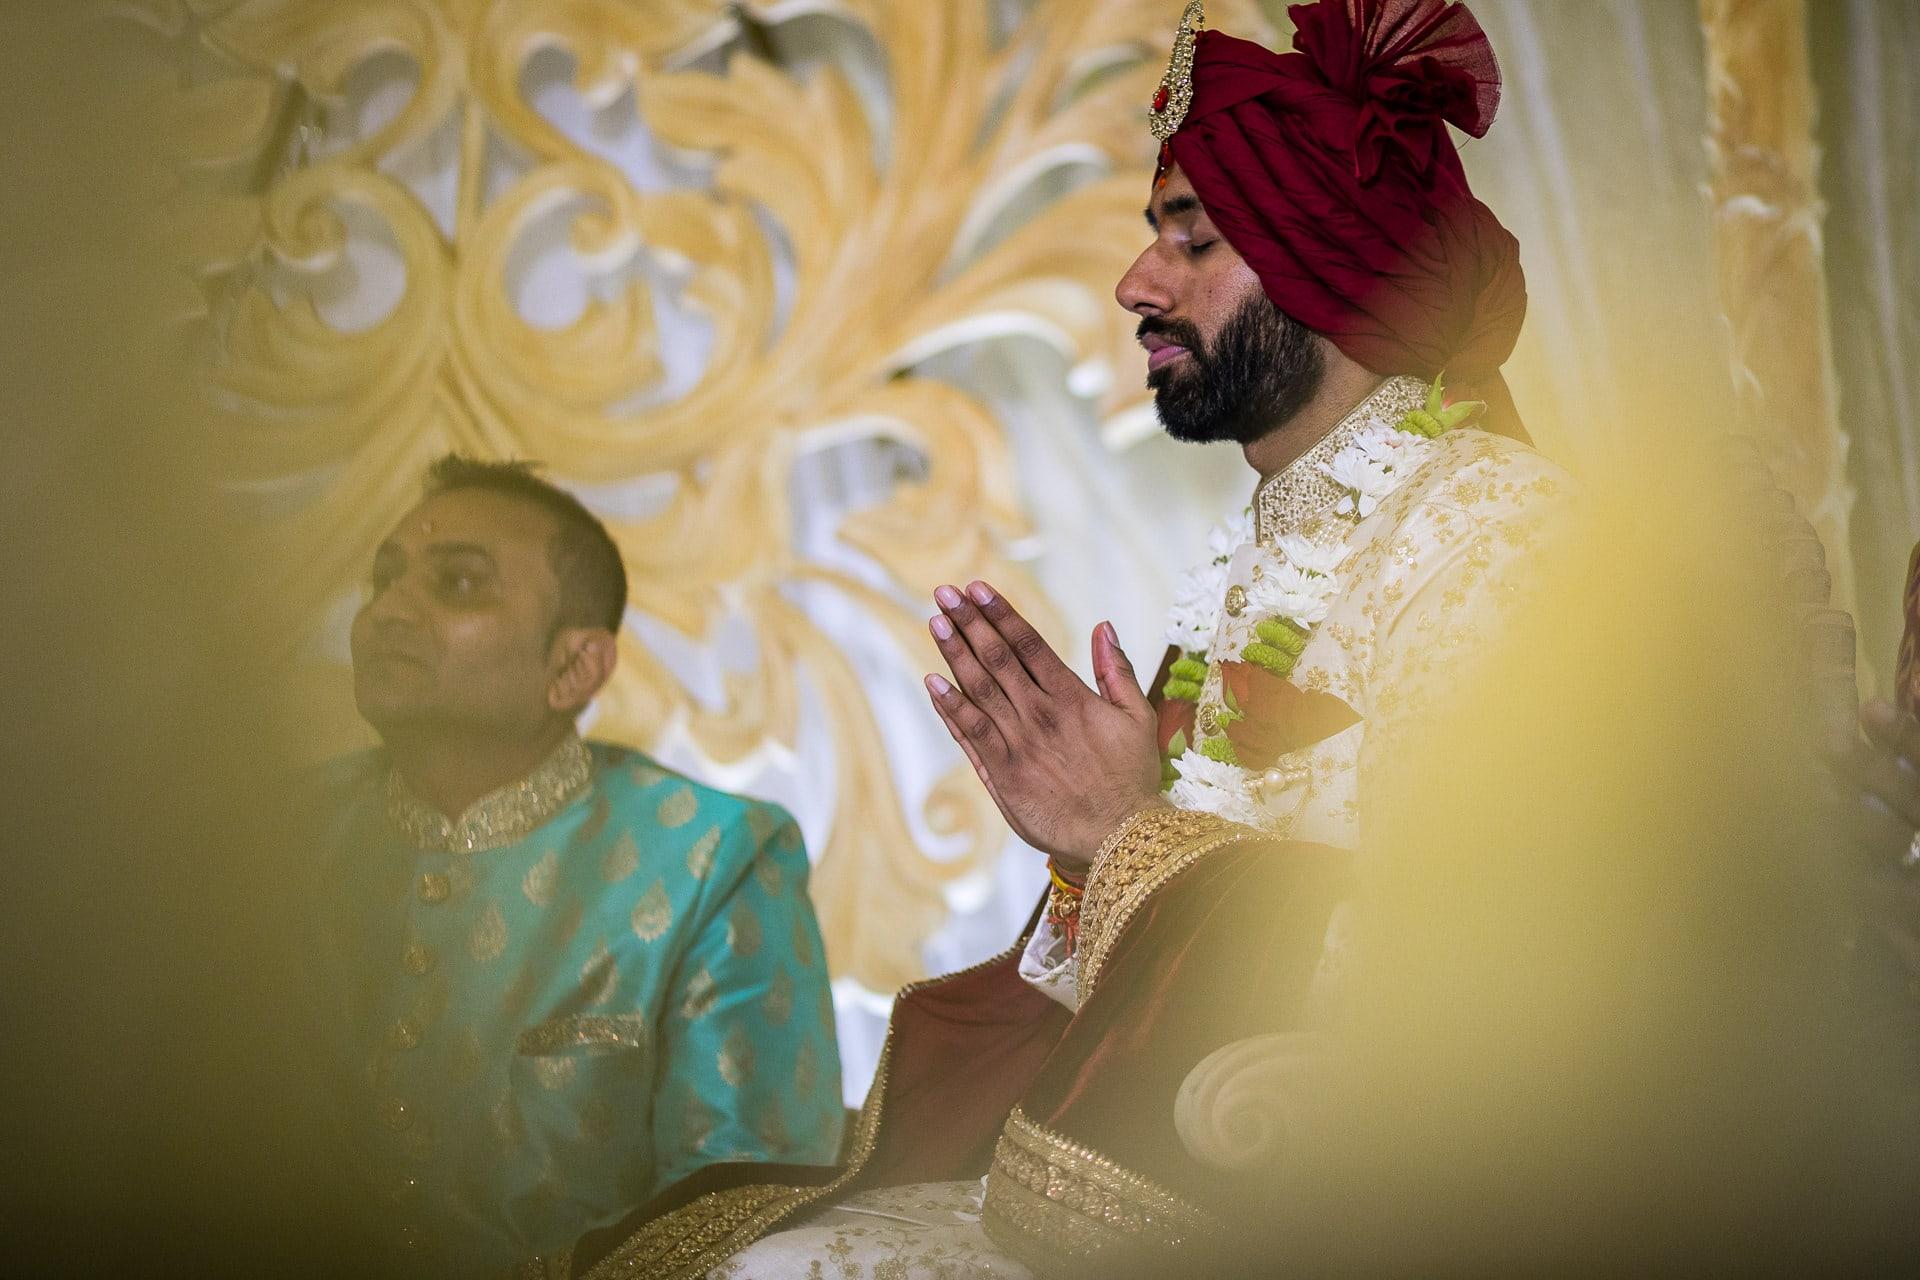 Asian wedding groom praying